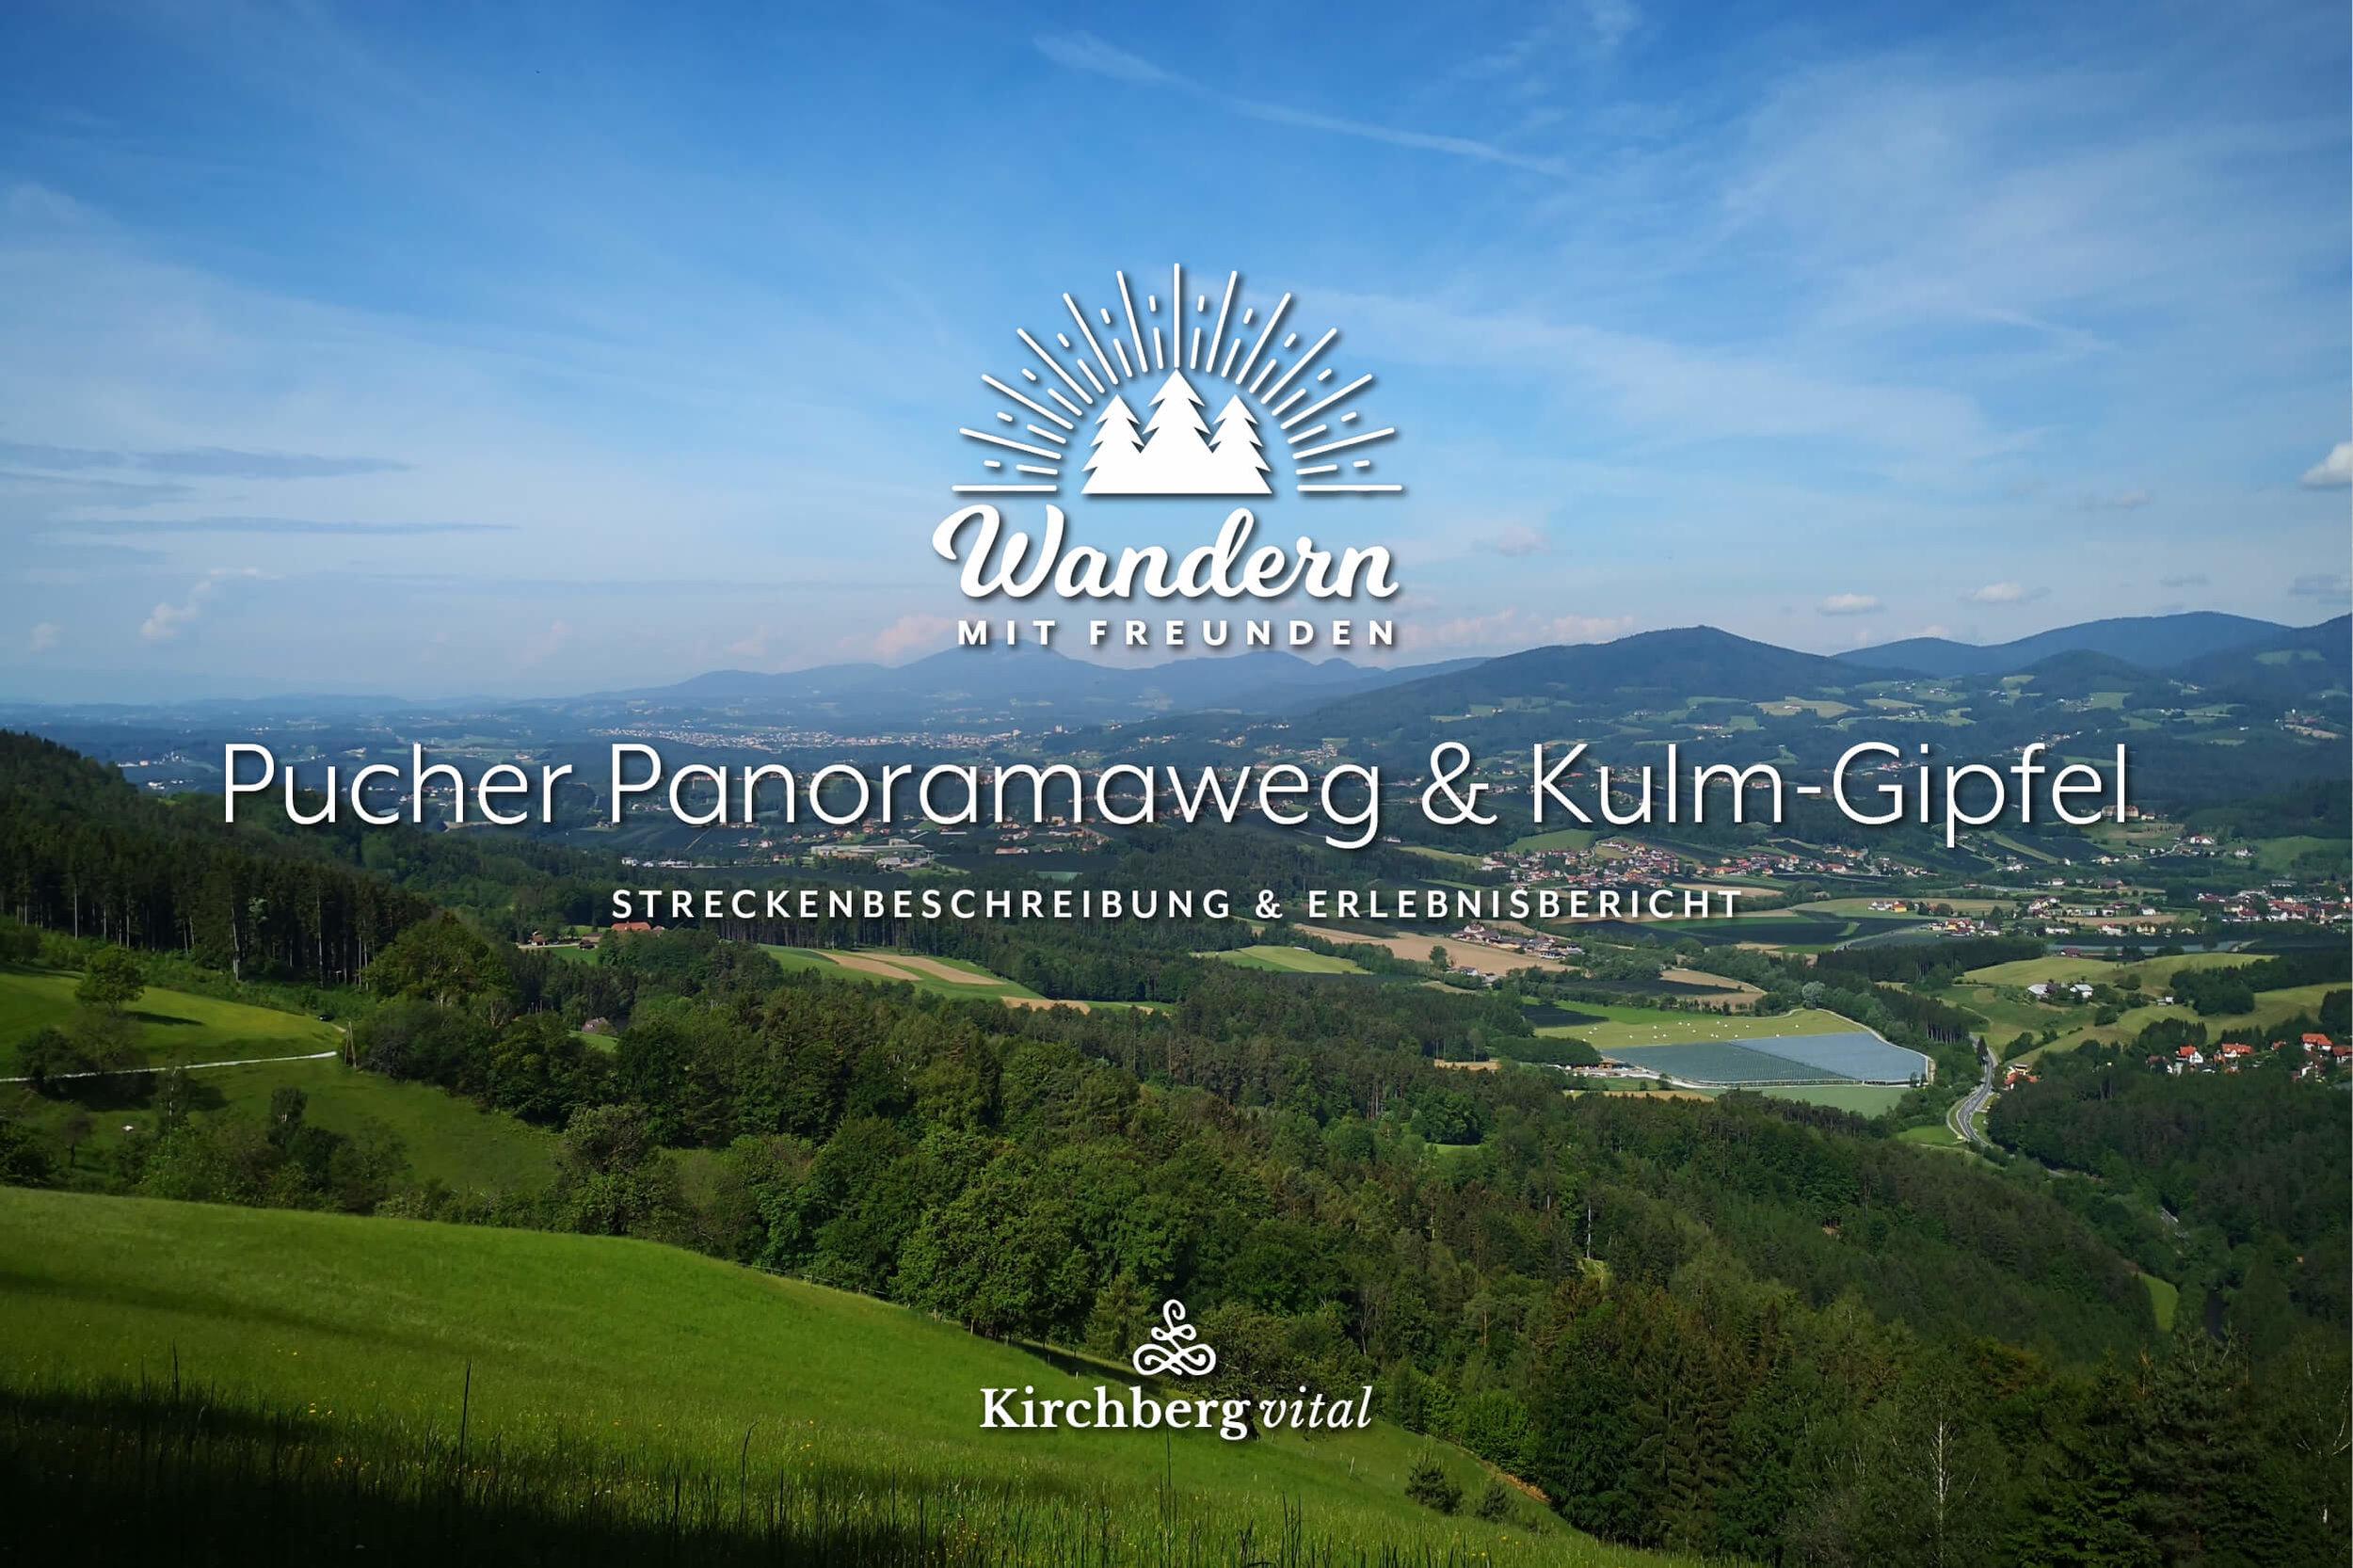 Pucher-Panoramaweg-L_BLOG-BANNER.jpg